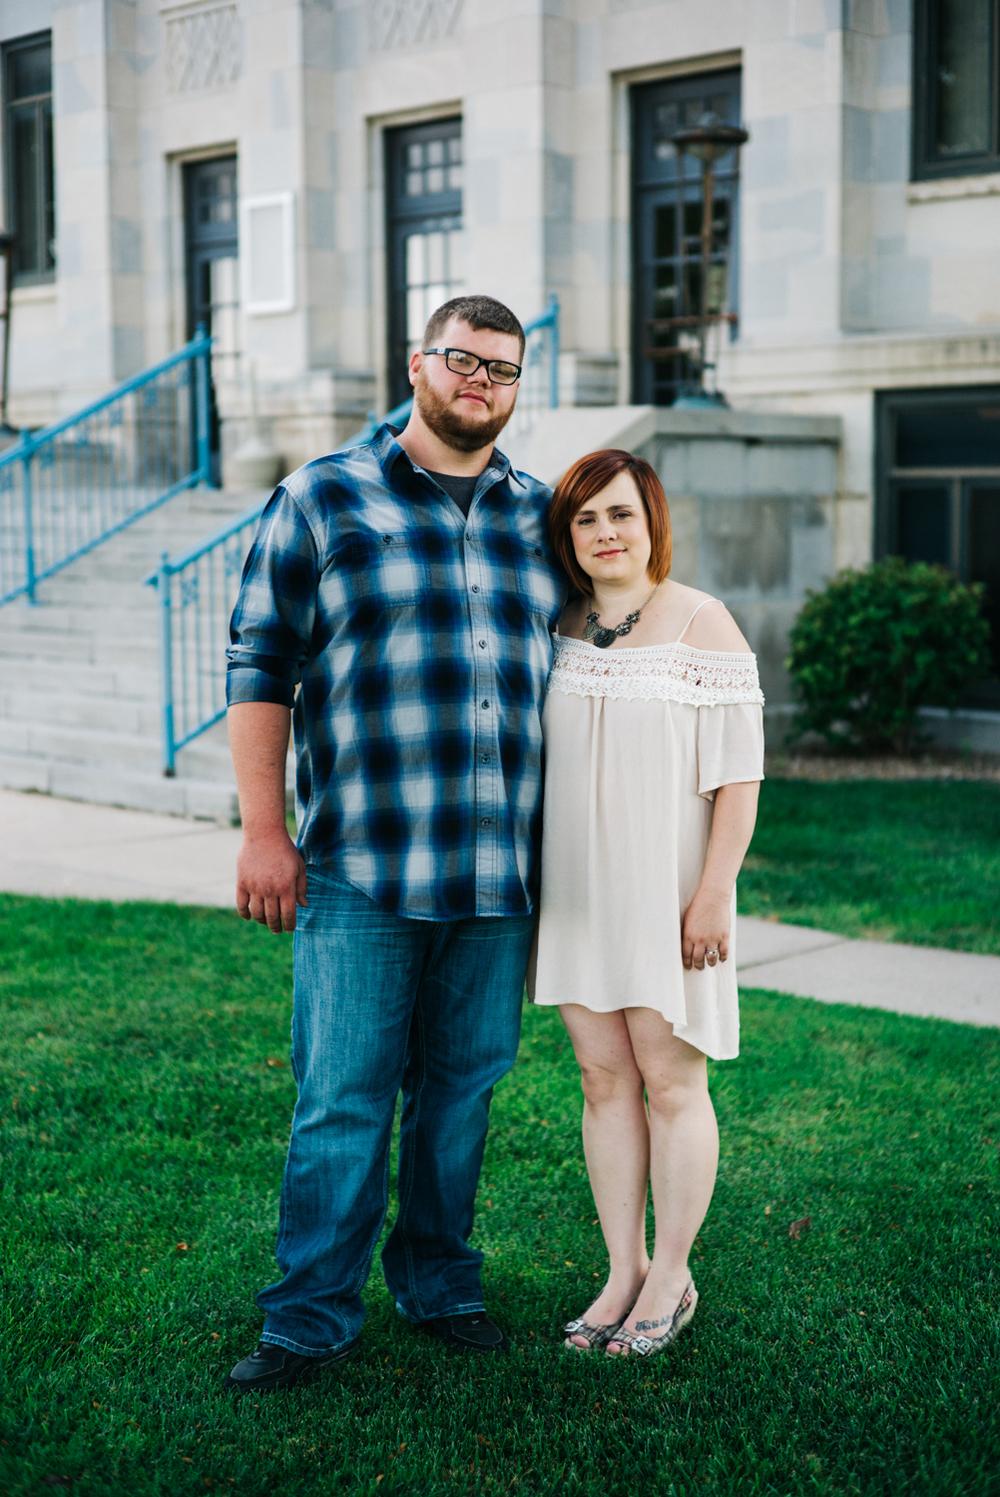 Garden City, Kansas Engagement - Neal Dieker - Garden City, Kansas Photographer-110.jpg